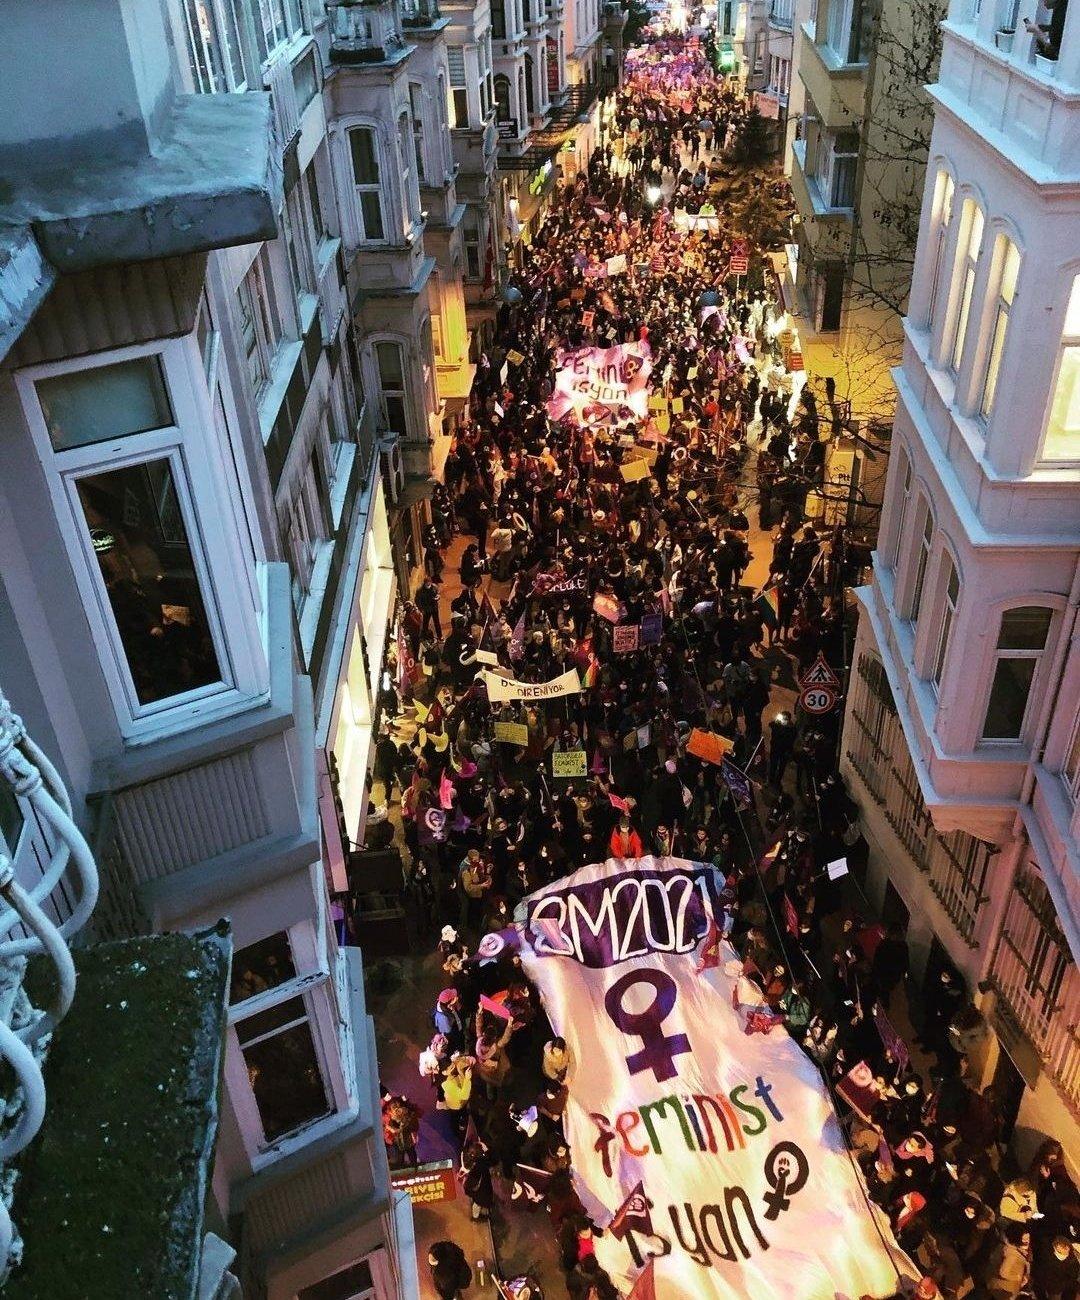 8 Mart Gece yürüyüşüne katılan kadınlara gece gözaltısı…